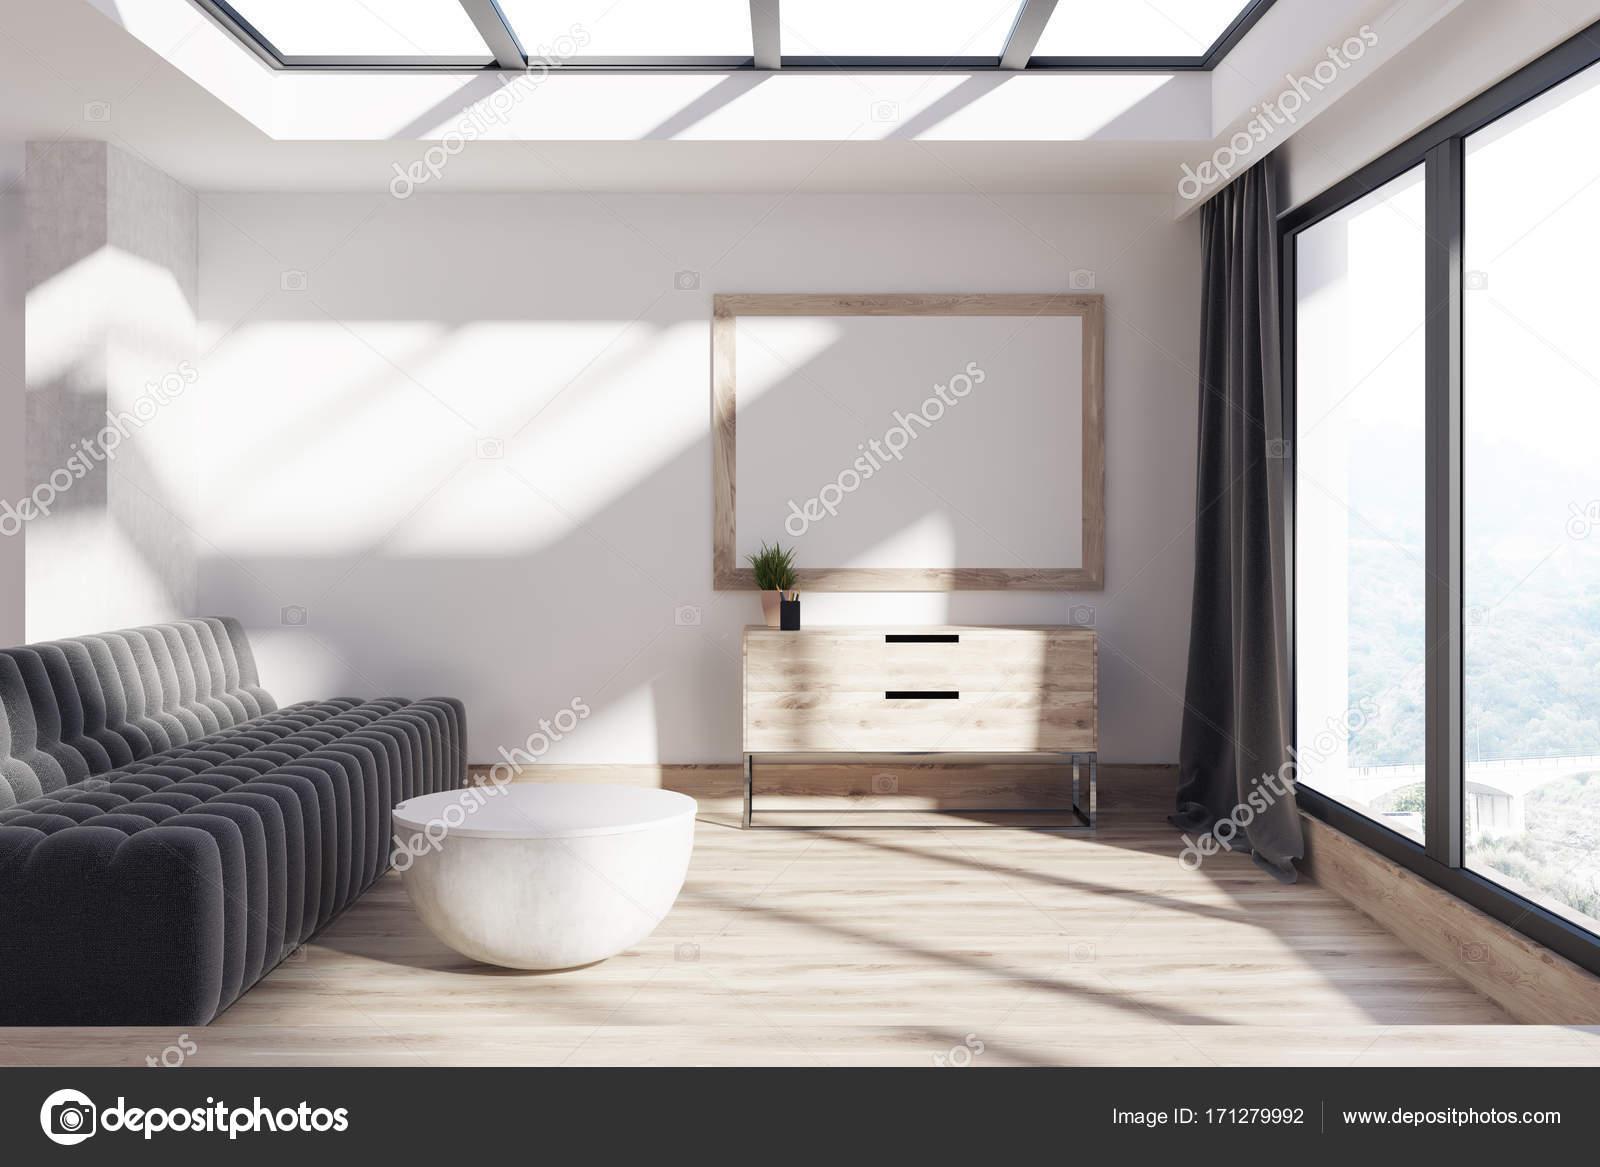 Minimalistische woonkamer sofa en poster u stockfoto